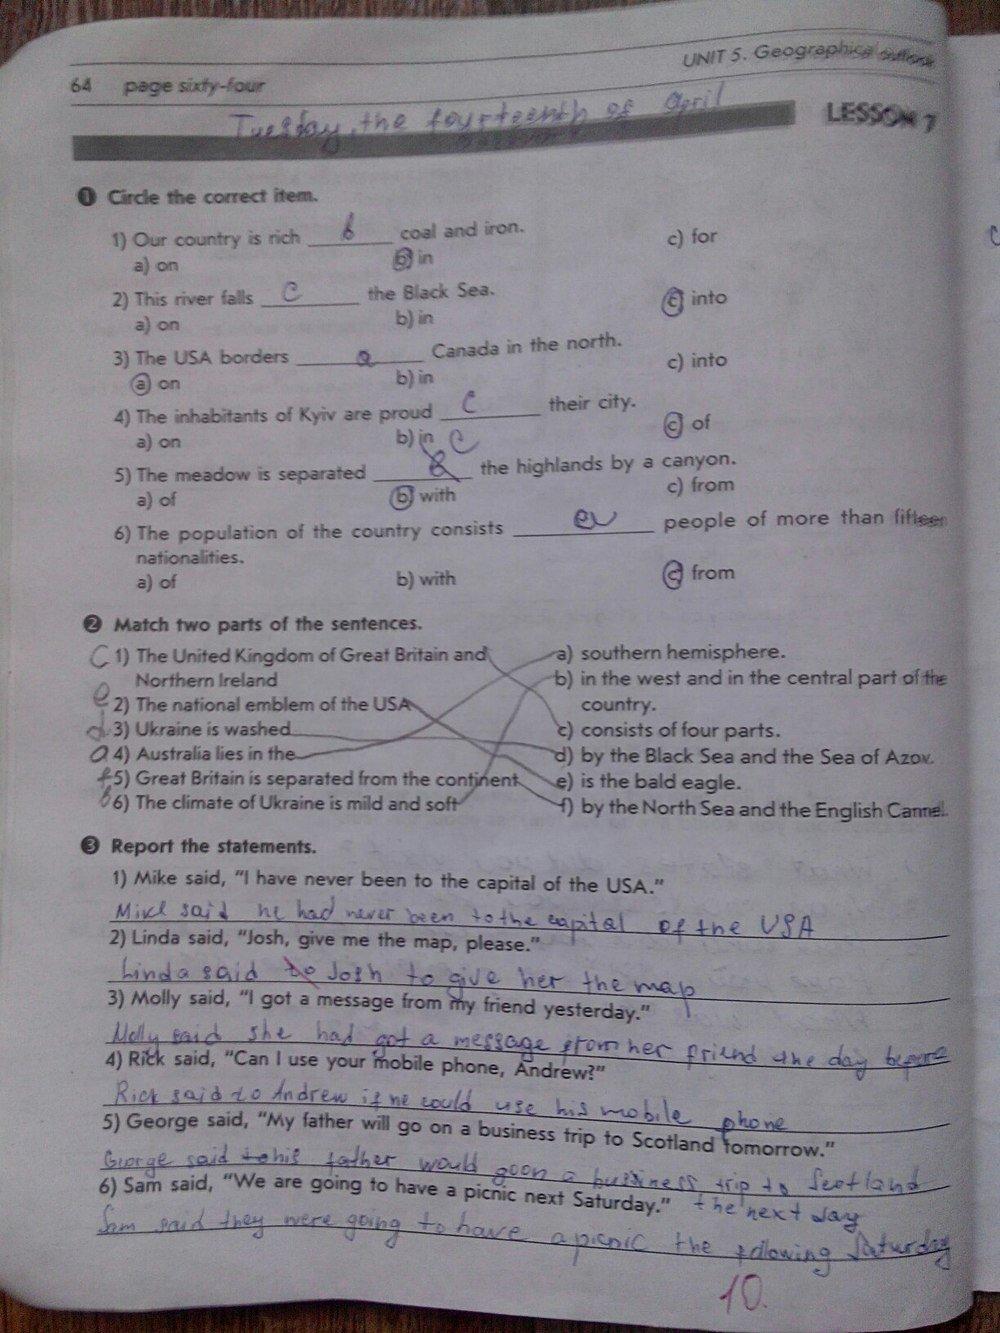 ГДЗ відповіді робочий зошит по английскому языку 8 класс О.М. Павліченко. Задание: стр. 64